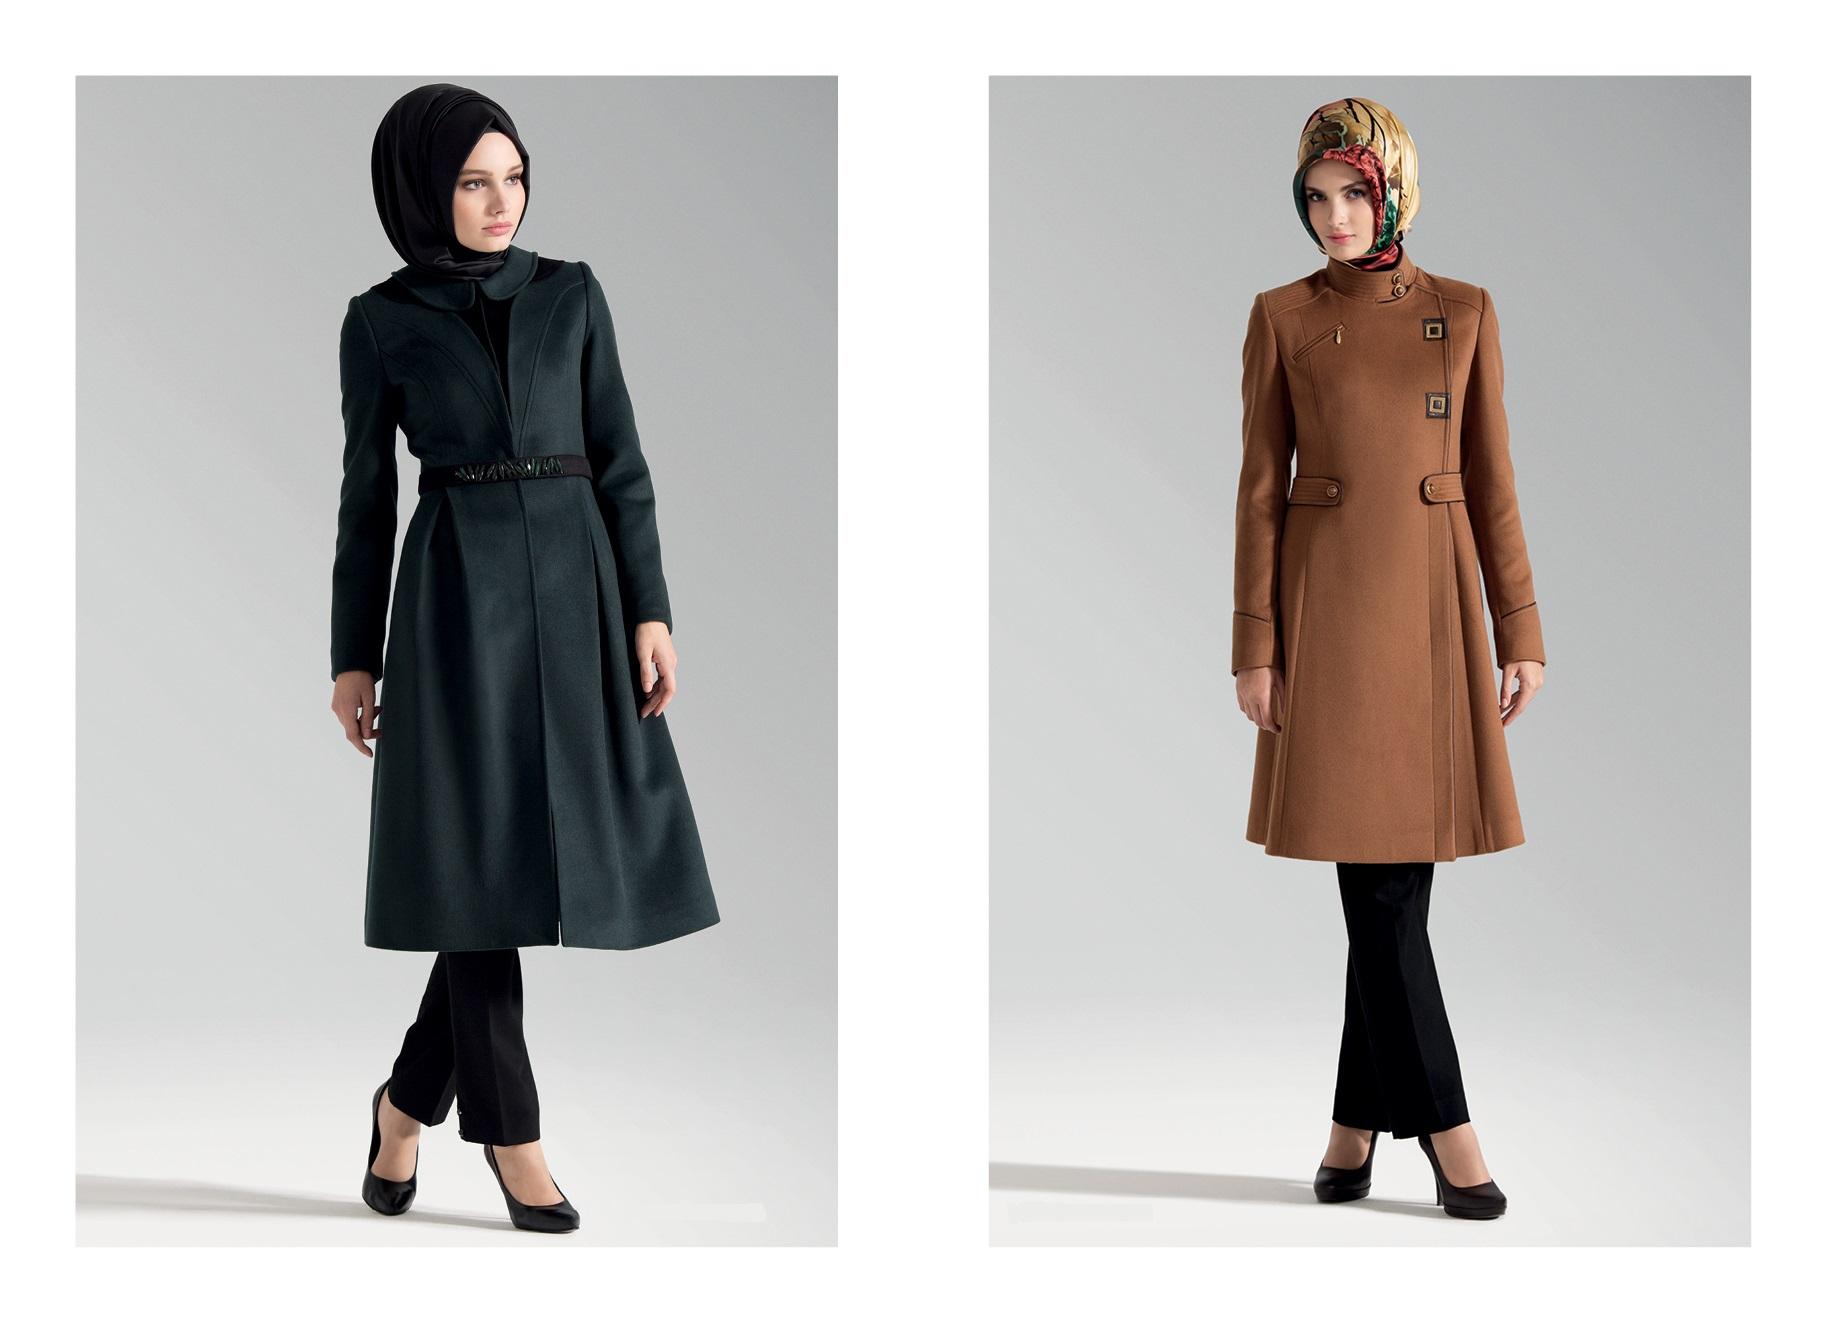 صور ملابس خروج حريمي , اشيك موديلات لملابس خروج للنساء